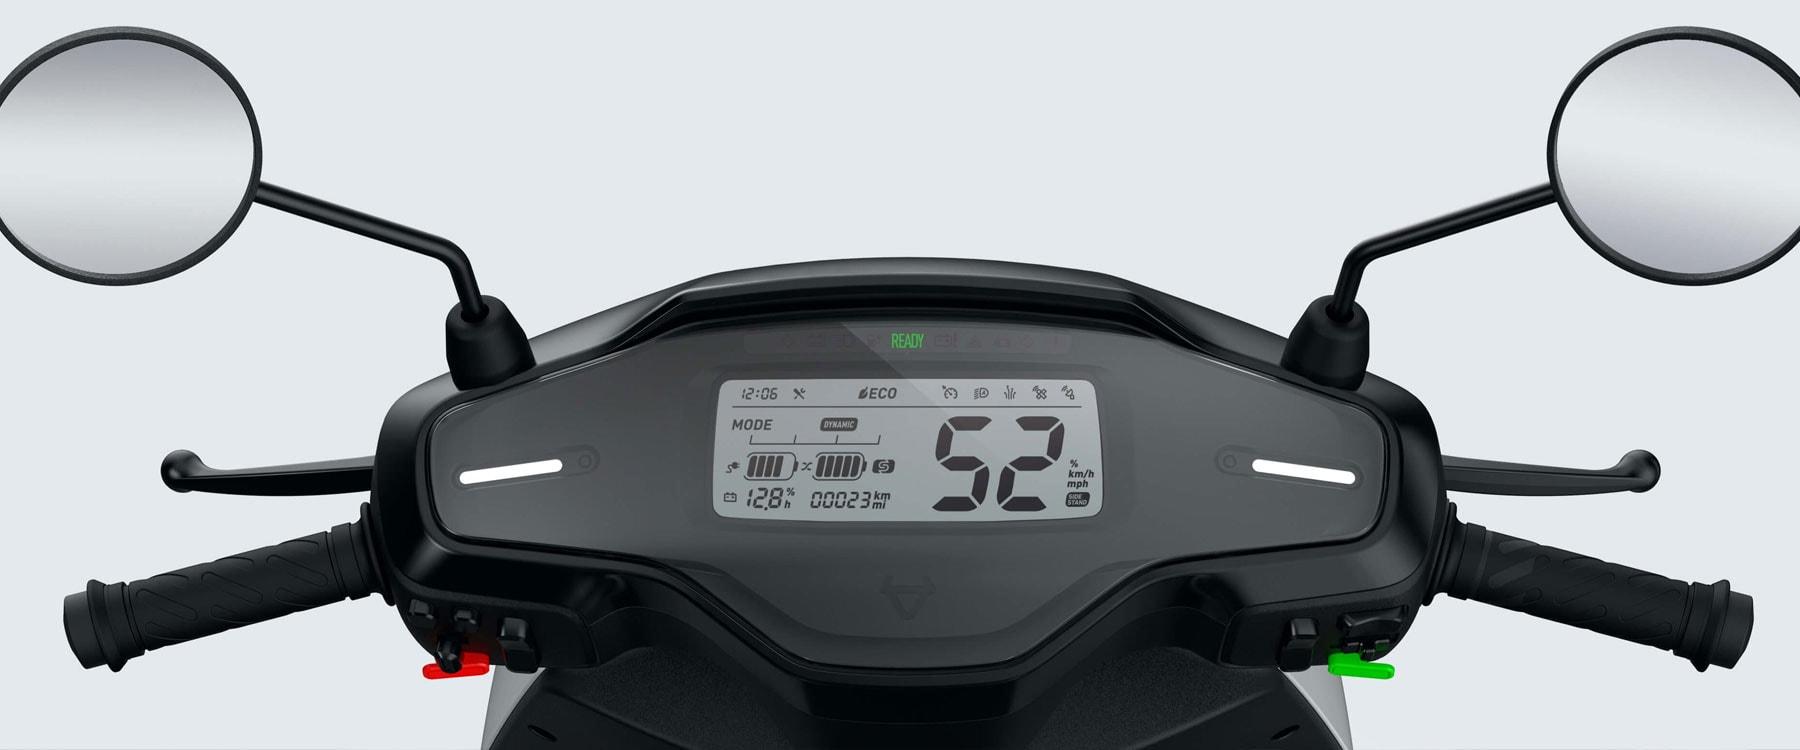 mqi electric bike dashboard